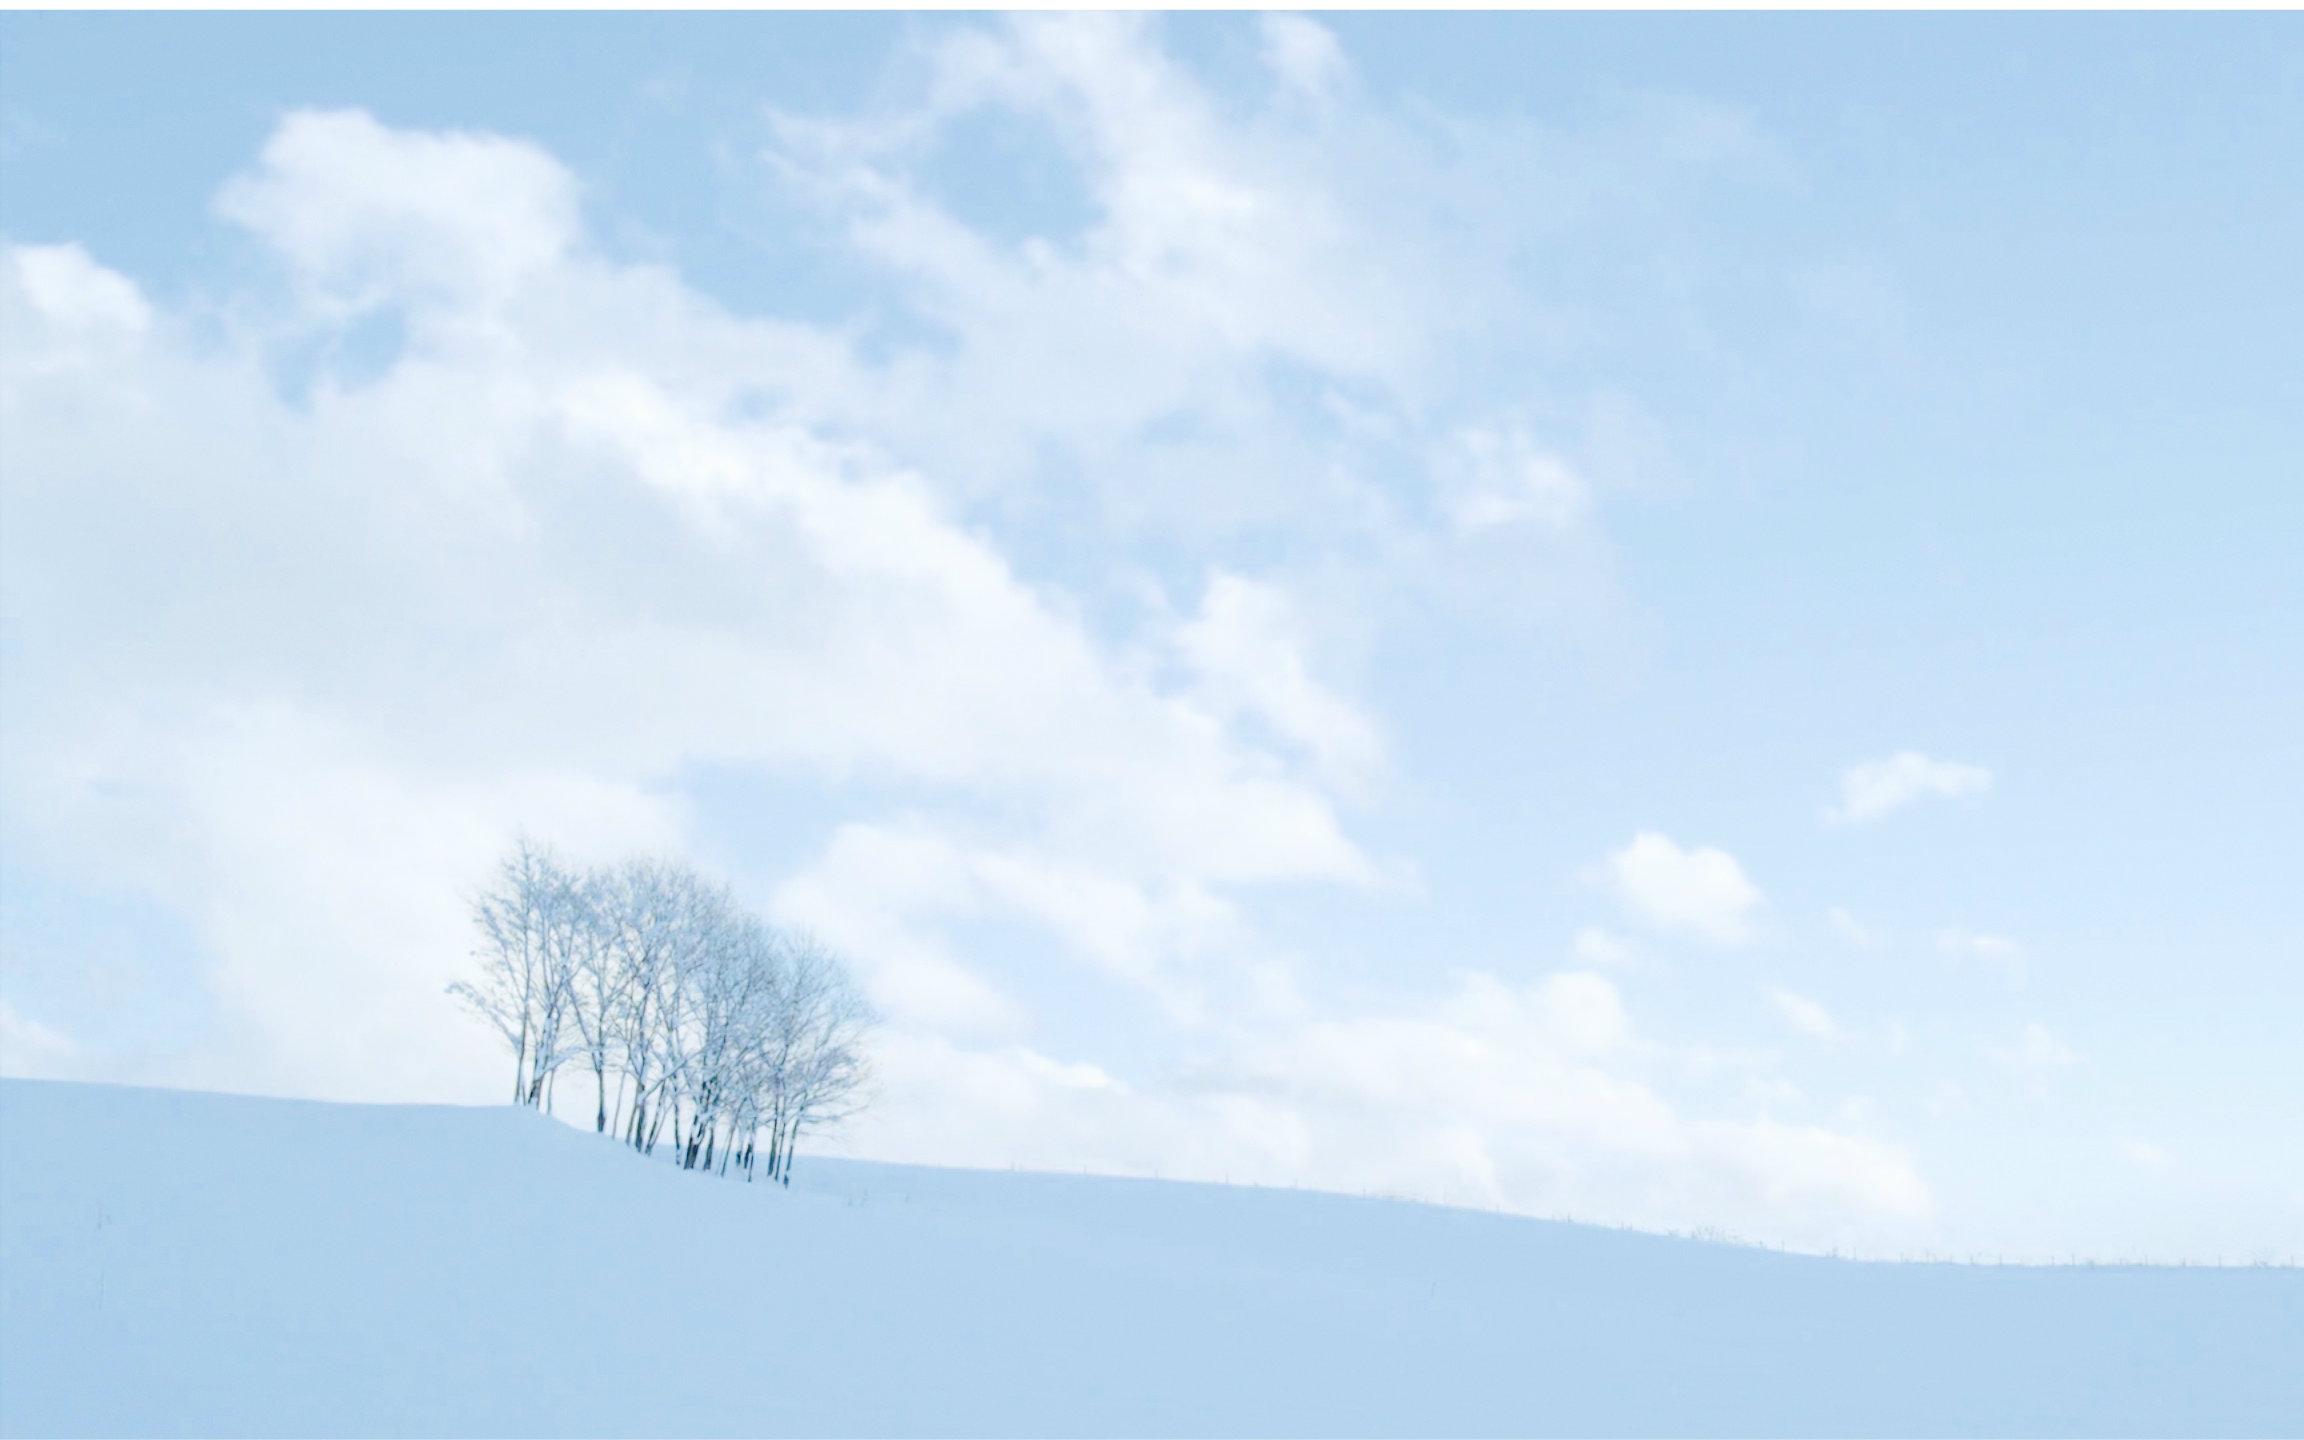 【电影小森林】唯美风景剪辑 冬春篇图片